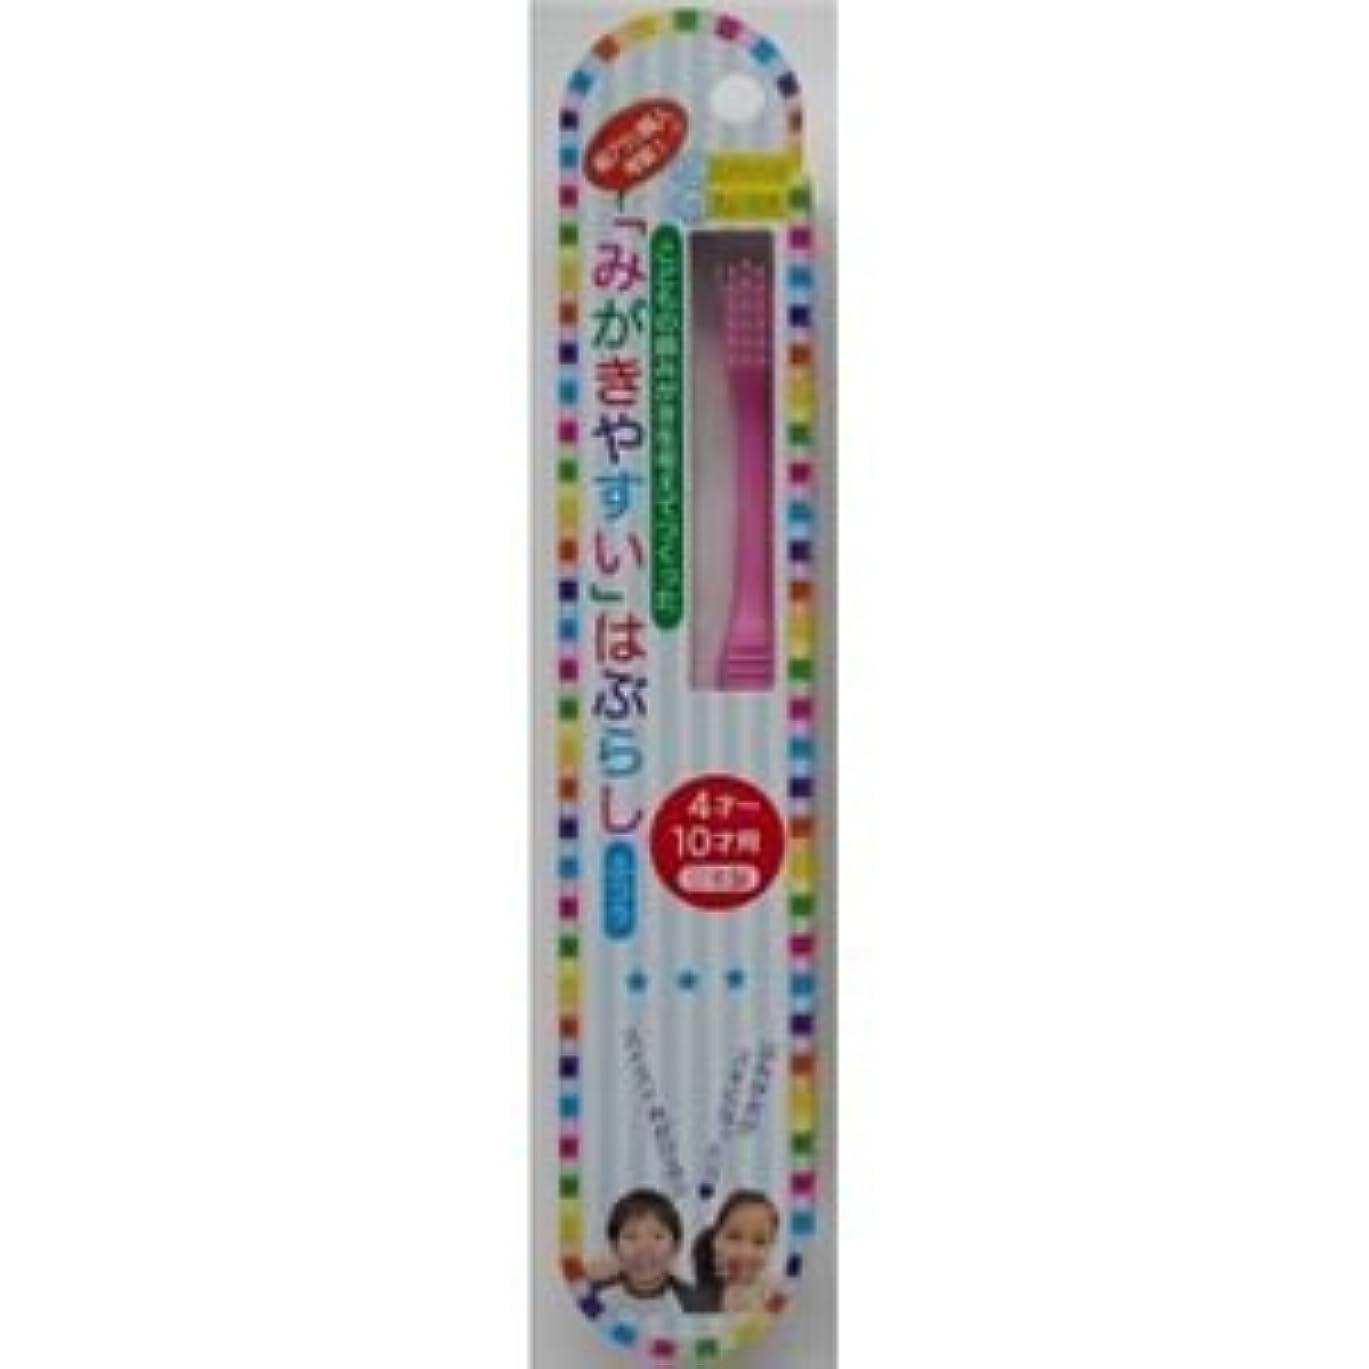 考え十適合する(まとめ)ライフレンジ 磨きやすい歯ブラシ LT-10 「磨きやすい」歯ブラシ こども用 【×12点セット】